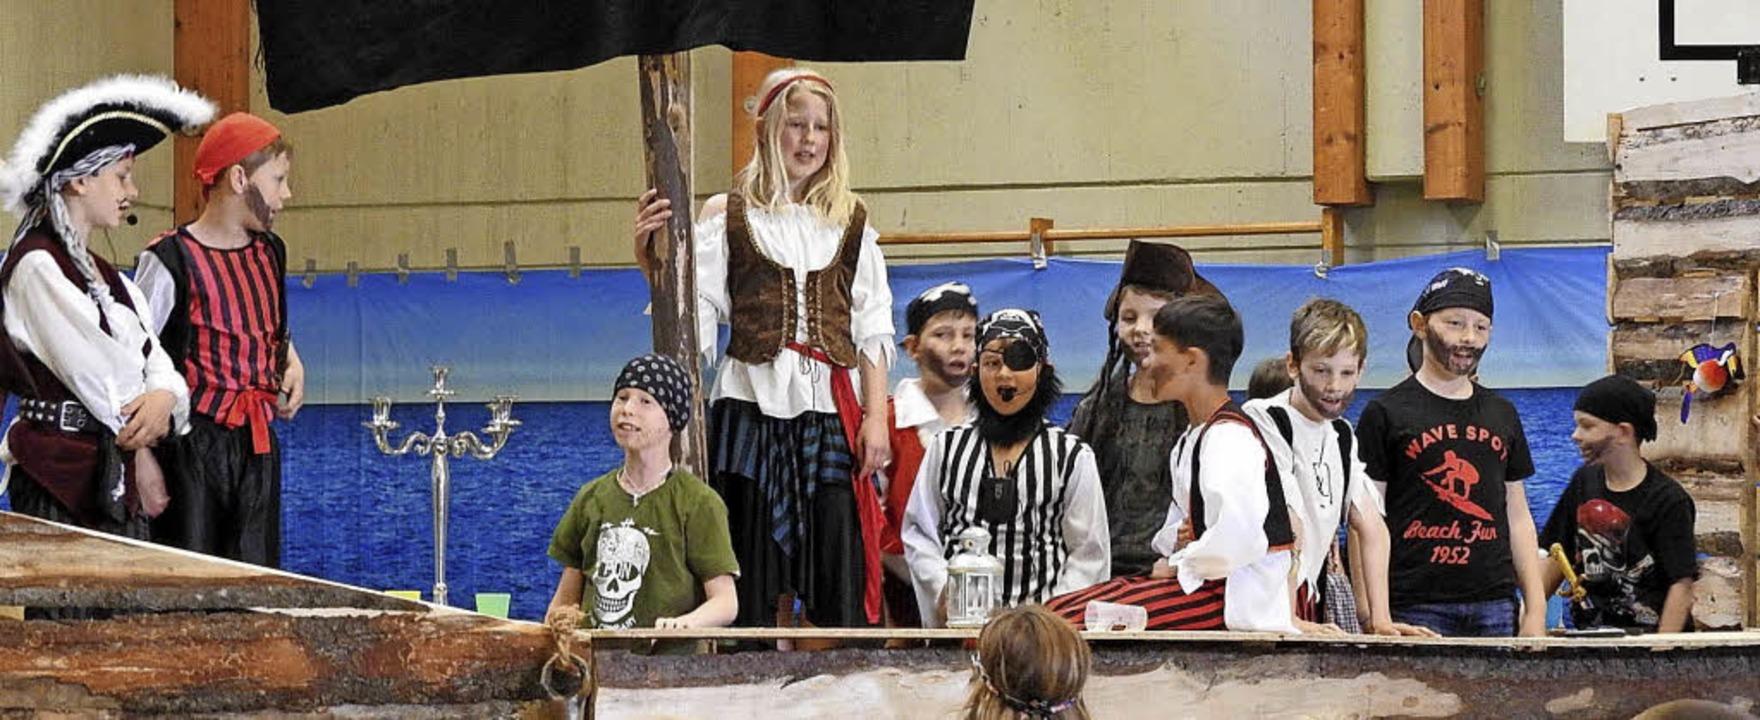 Die Piratenbande schipperte mit einem selbst gebauten Schiff über die Bühne.   | Foto: Privat